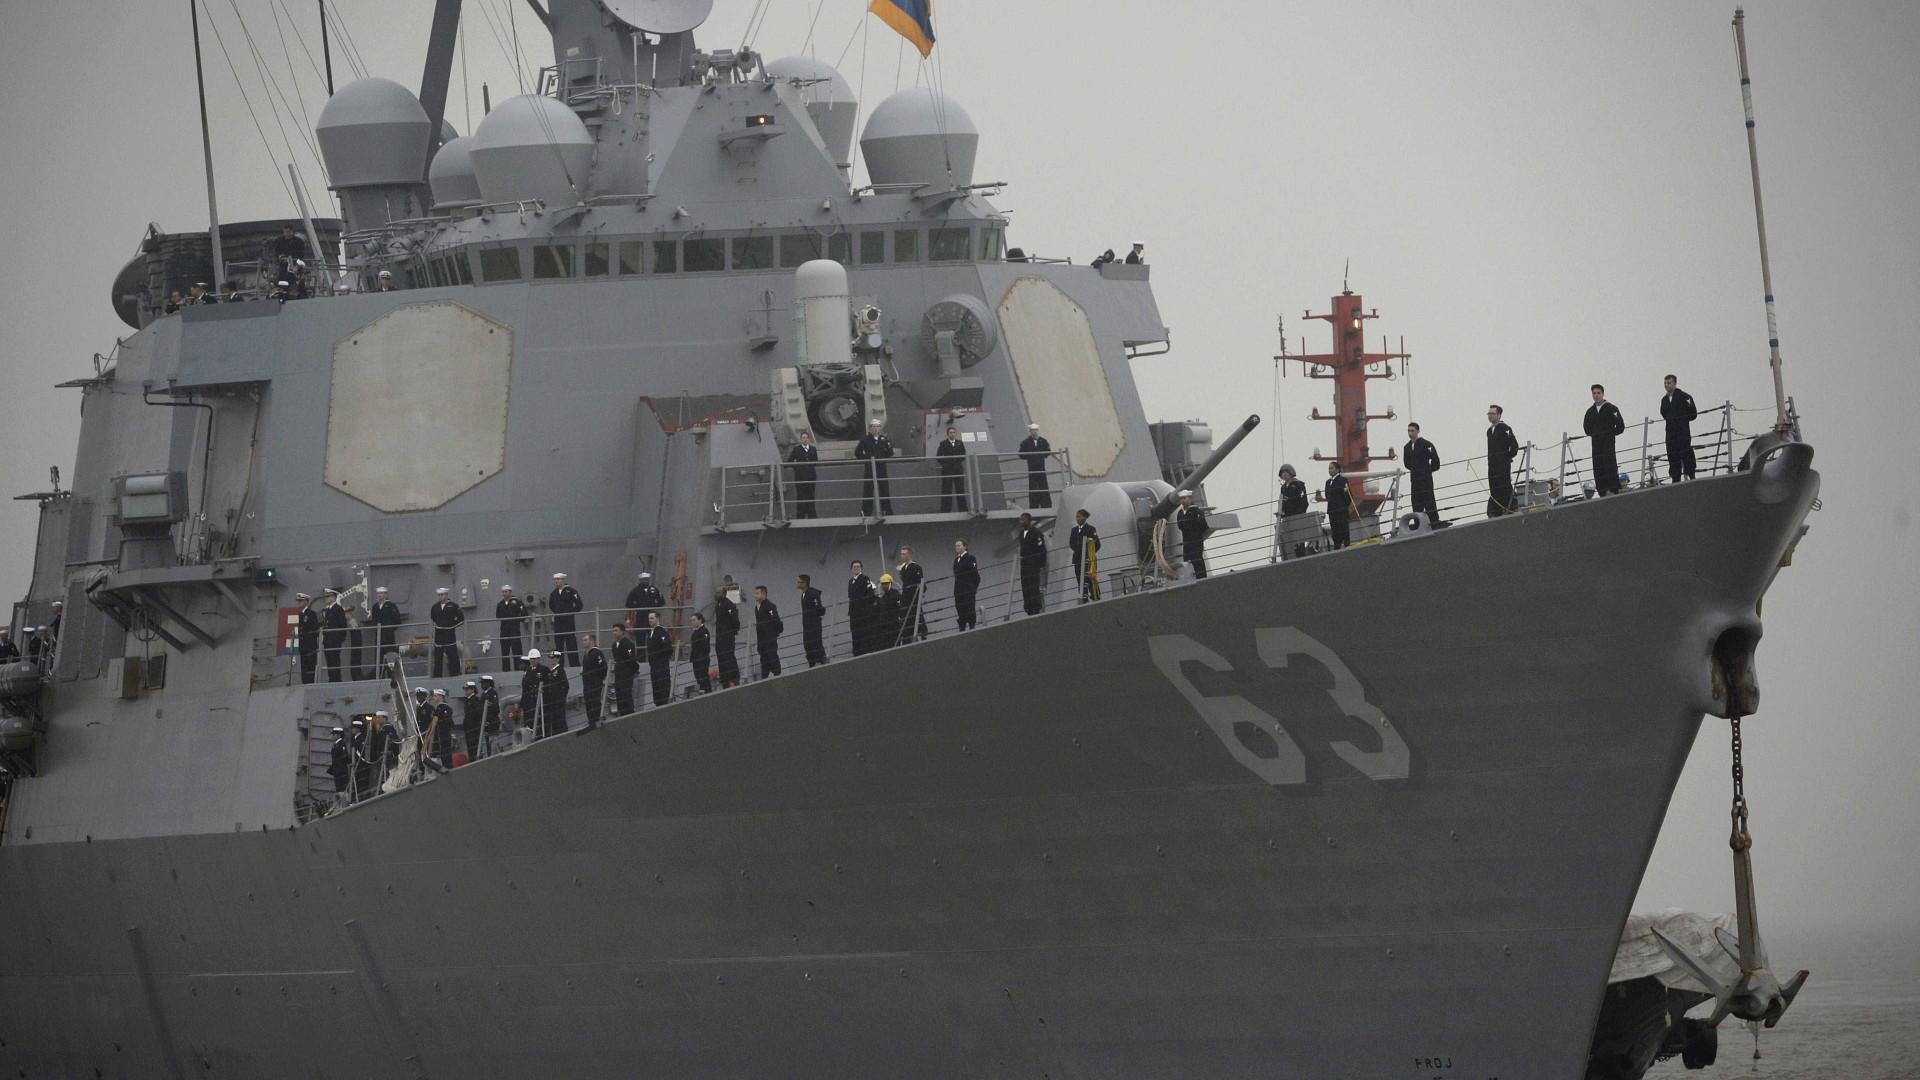 Avião da Marinha americana despenha-se com 11 pessoas a bordo